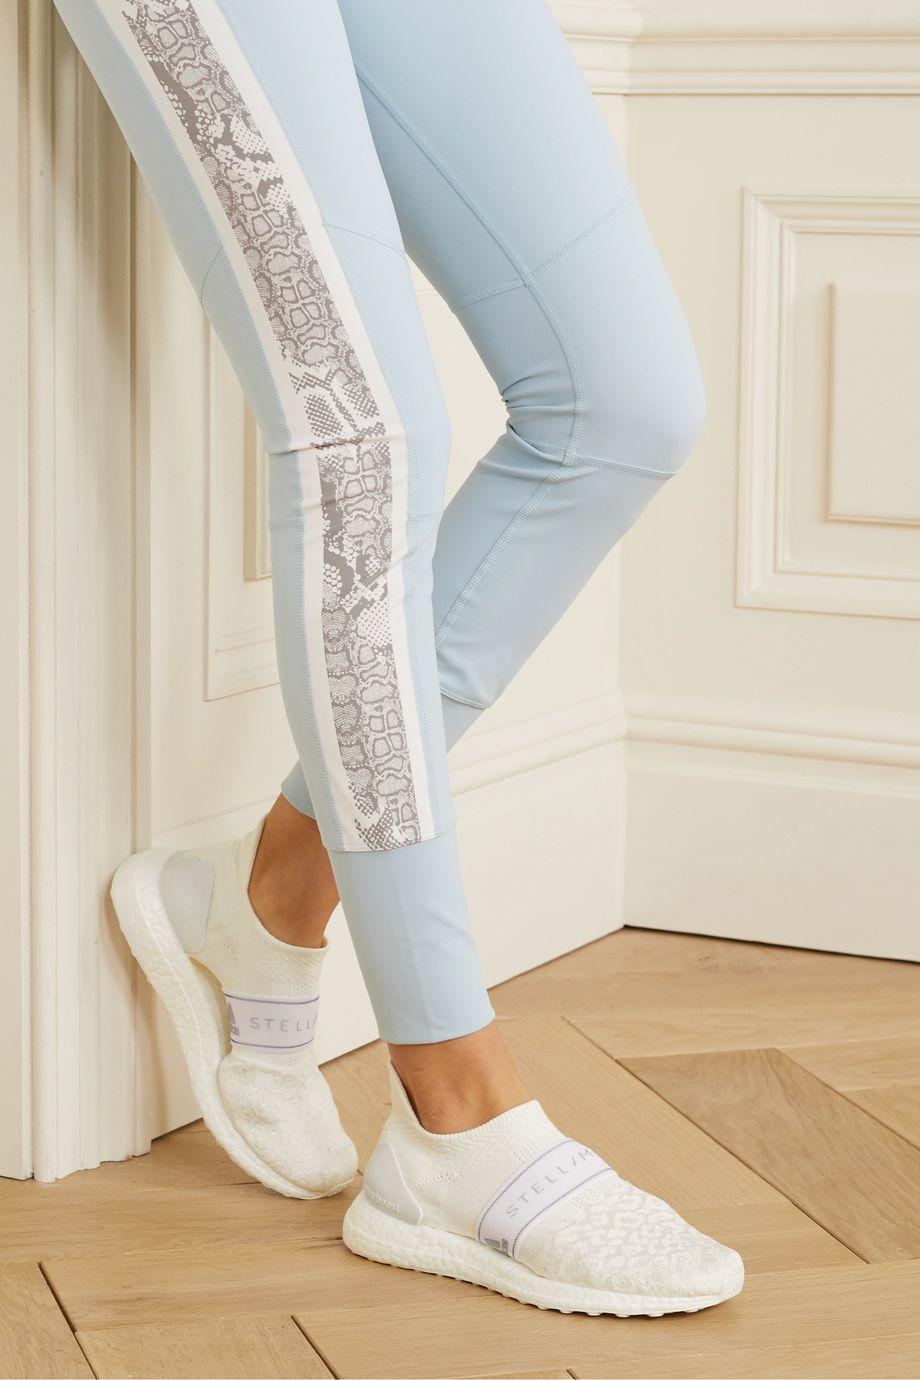 adidas by Stella McCartney UltraBOOST X 3D Primeknit sneakers